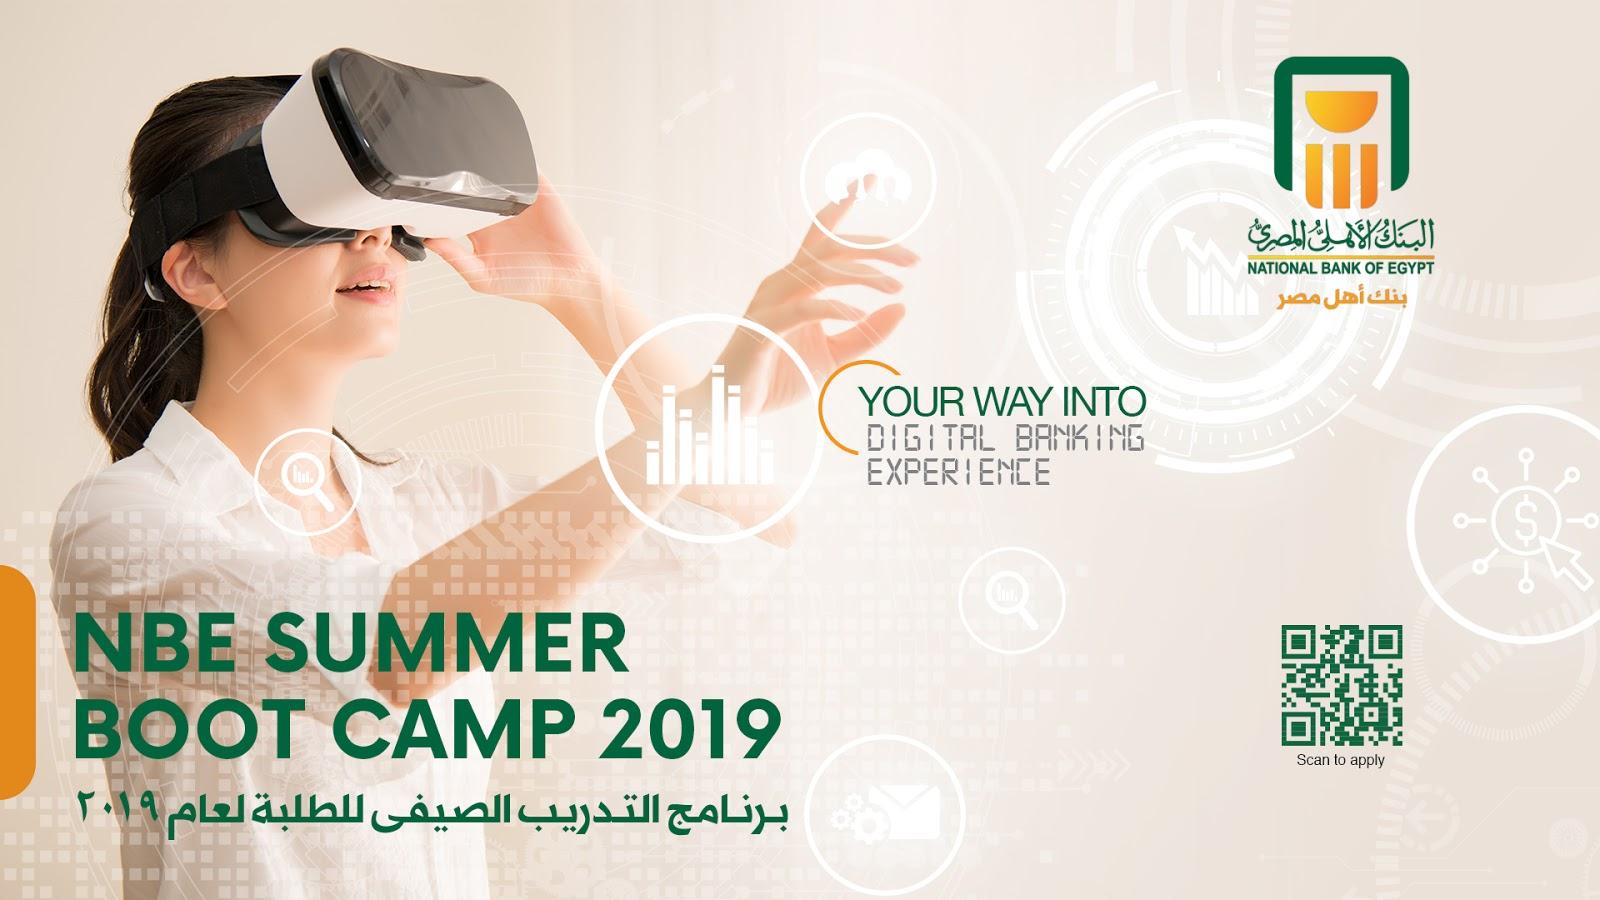 وظائف البنك الاهلى برنامج التدريب الصيفى للطلاب 2019 قدم الان